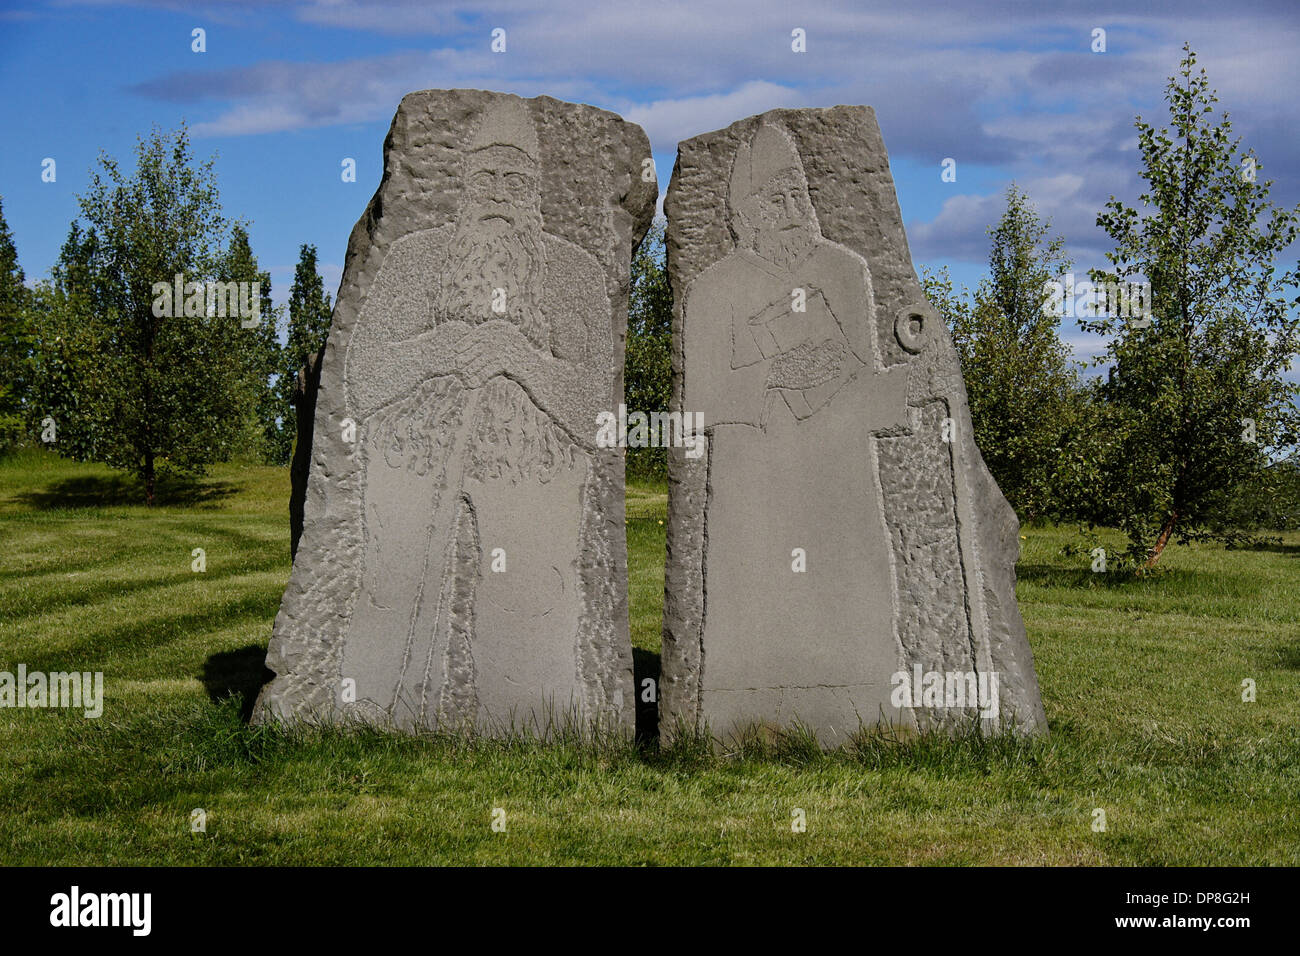 Pietre scolpite che rappresentano il paganesimo e cristianesimo, Skalholt Chiesa, Islanda Immagini Stock